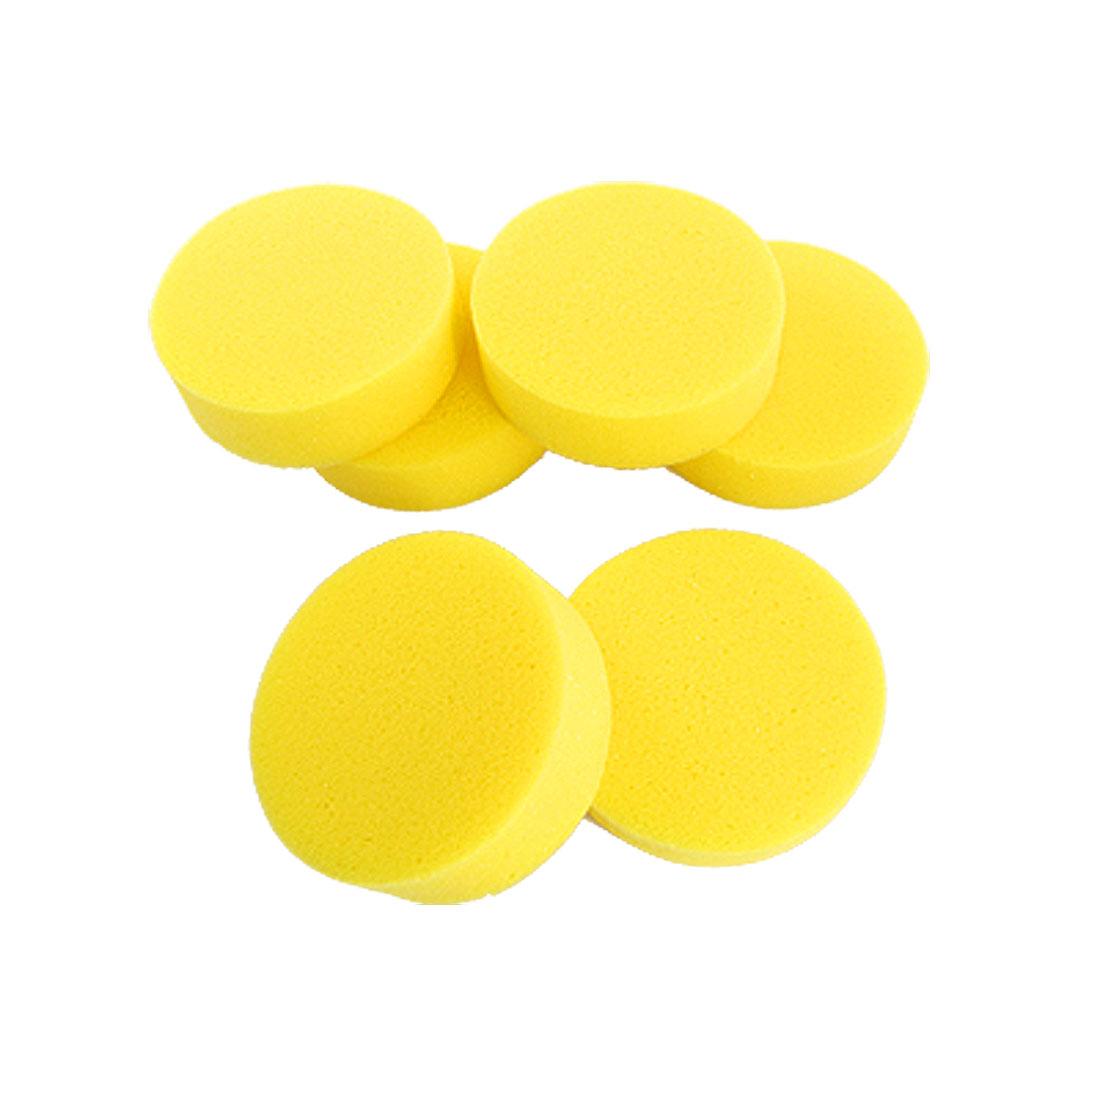 Yellow 6PCS WildAuto Car Waxing Sponge Foam Pads,Microfiber Car Waxing Applicator Cleaning Pads